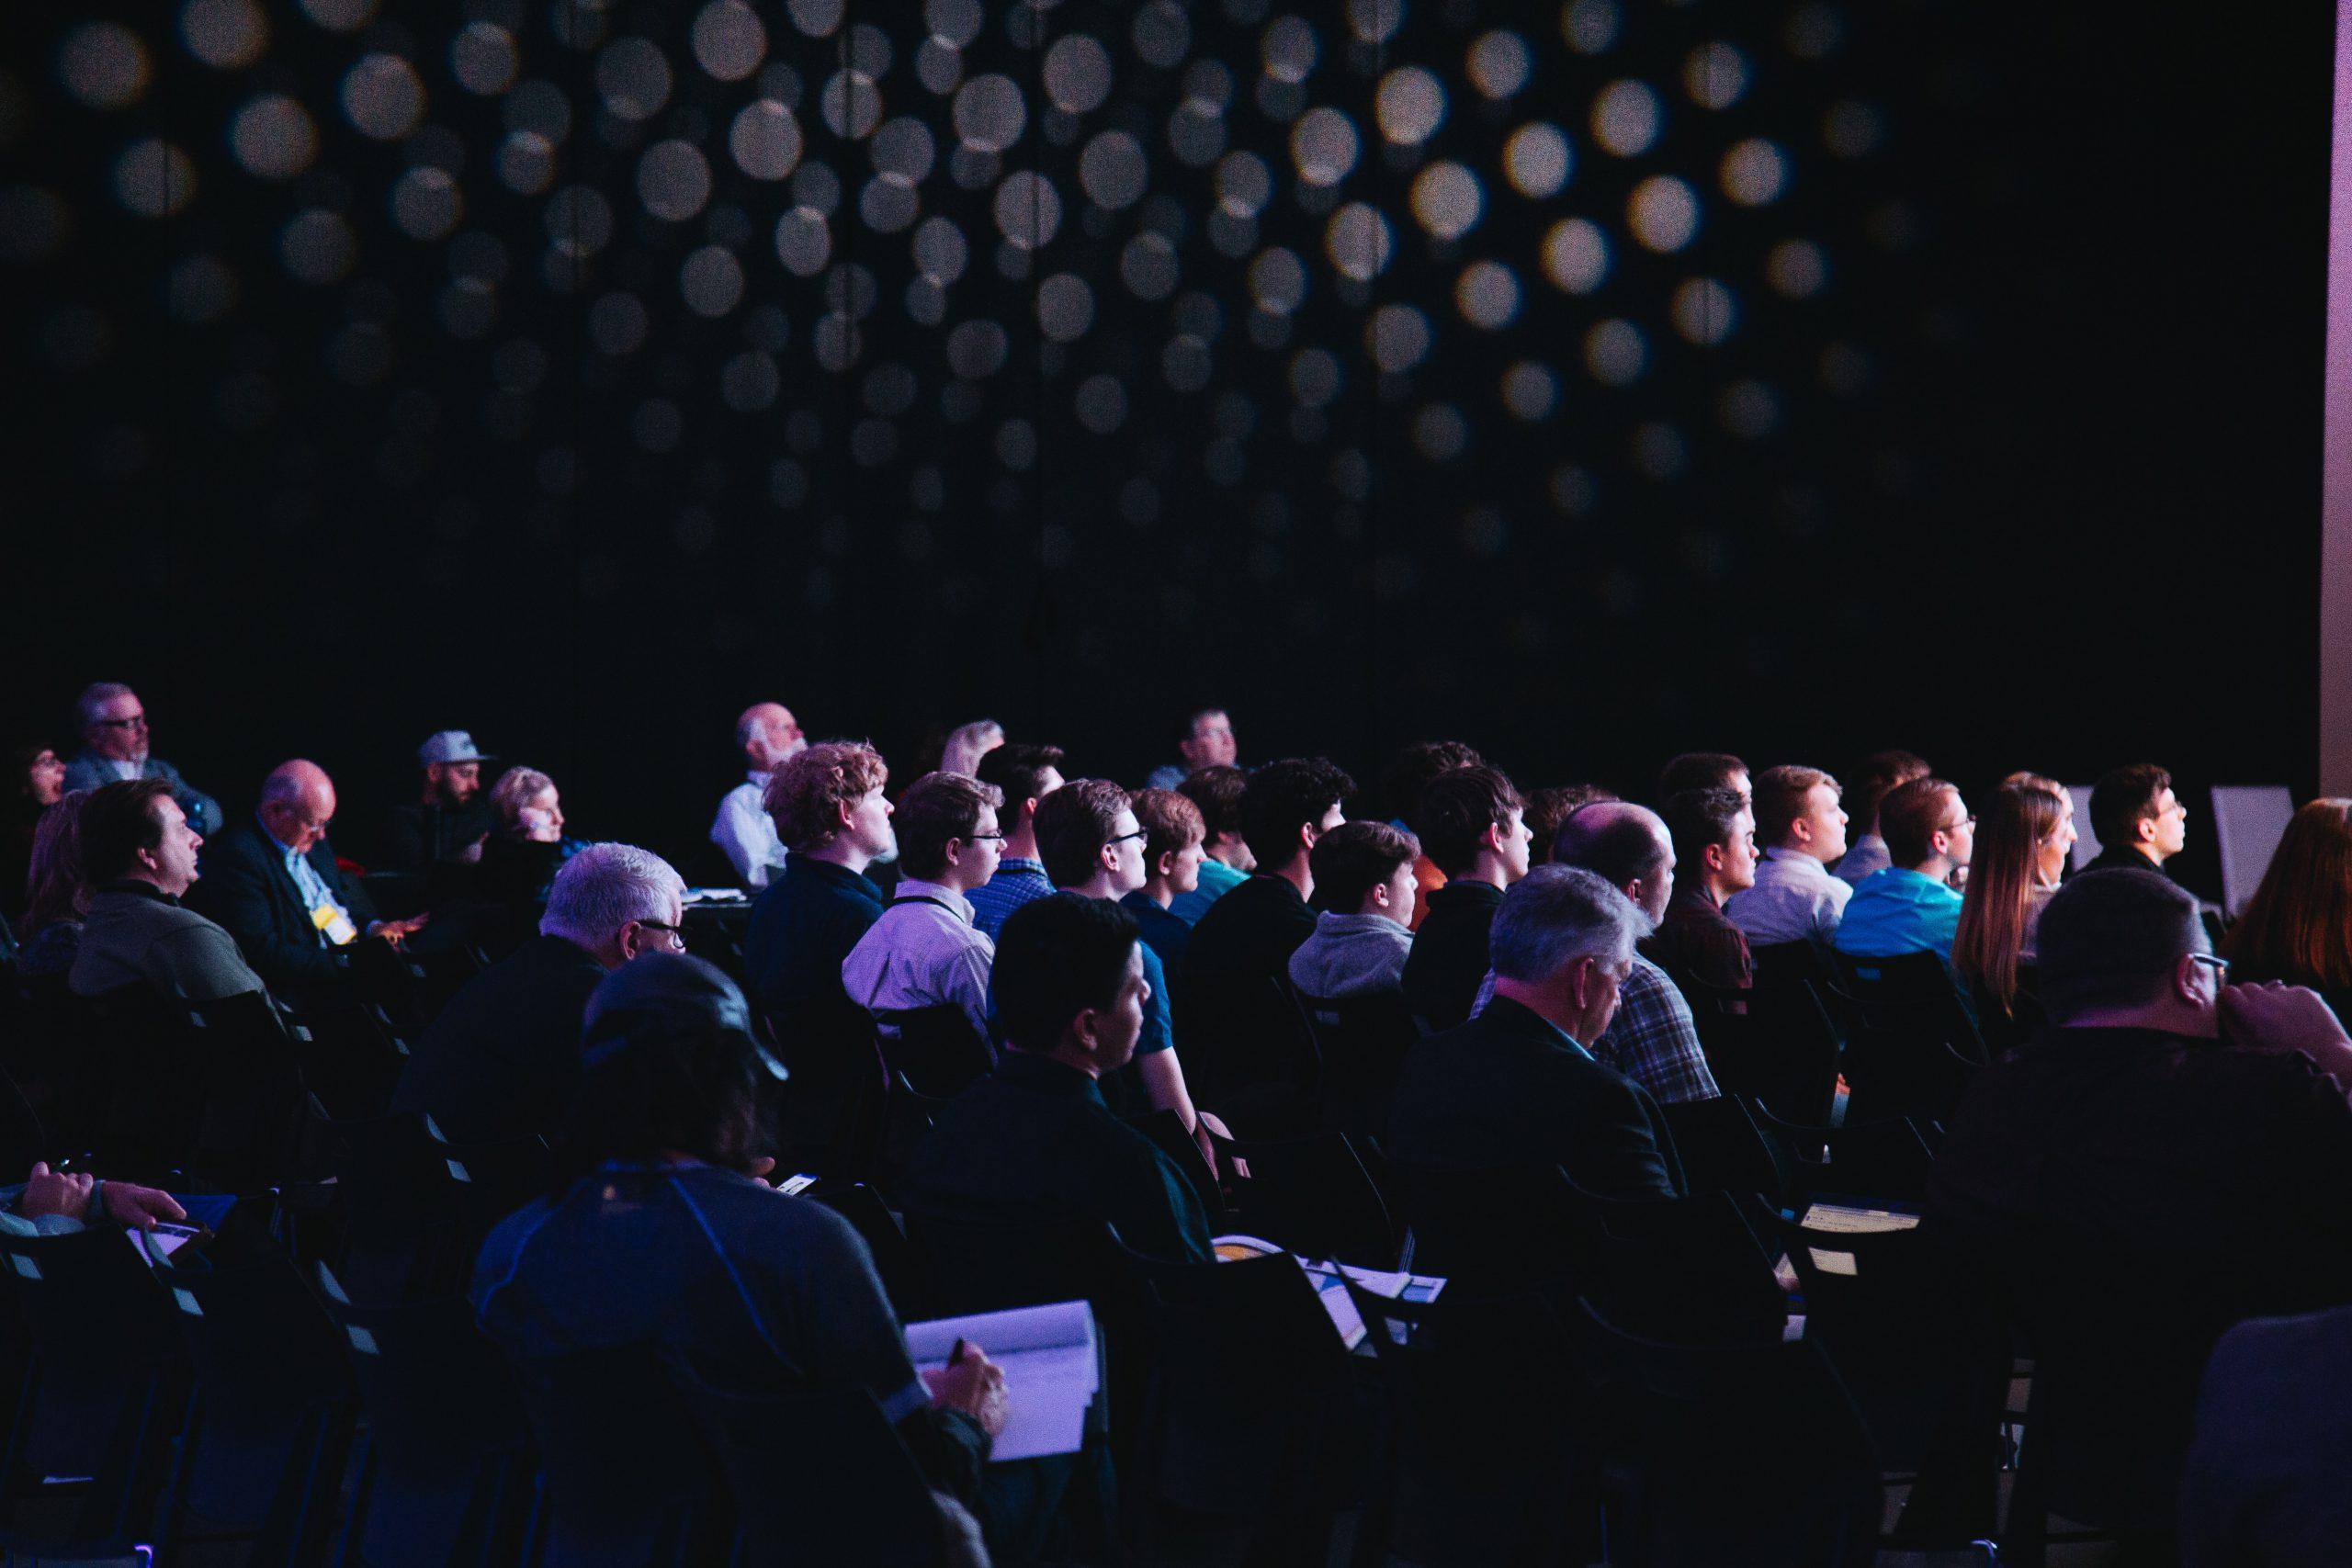 Kongres Polityki Miejskiej – O rewitalizacji na Kongresie Polityki Miejskiej – Katowice, 7-8 czerwiec 2021 r.